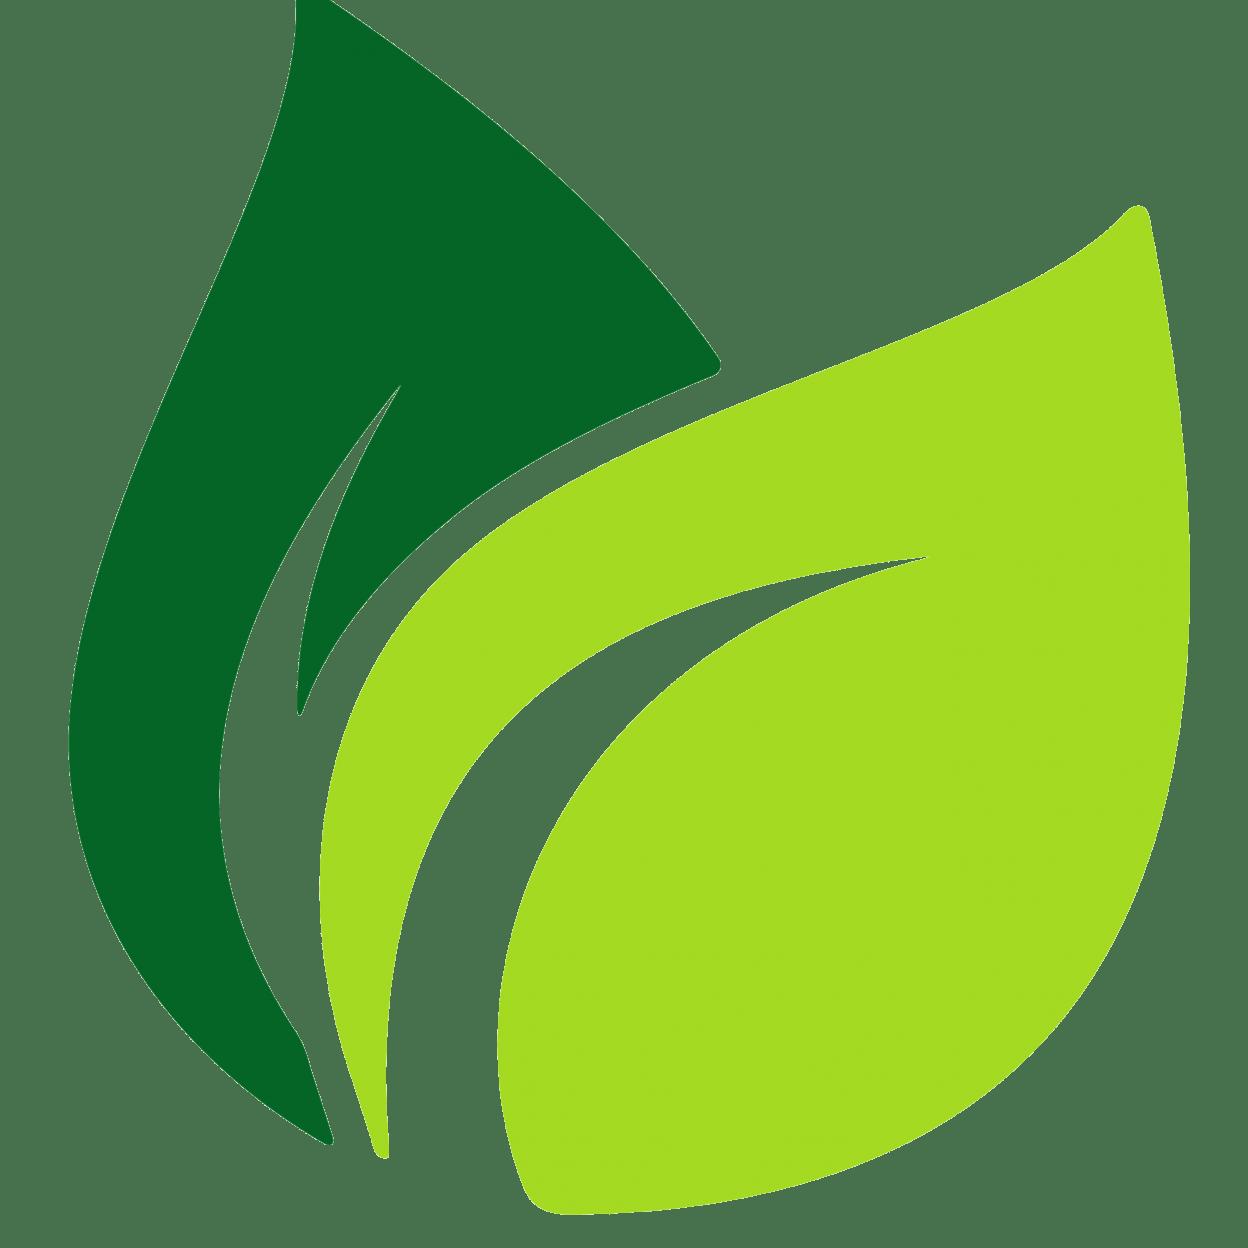 Fern clipart daun. Image result for leaf